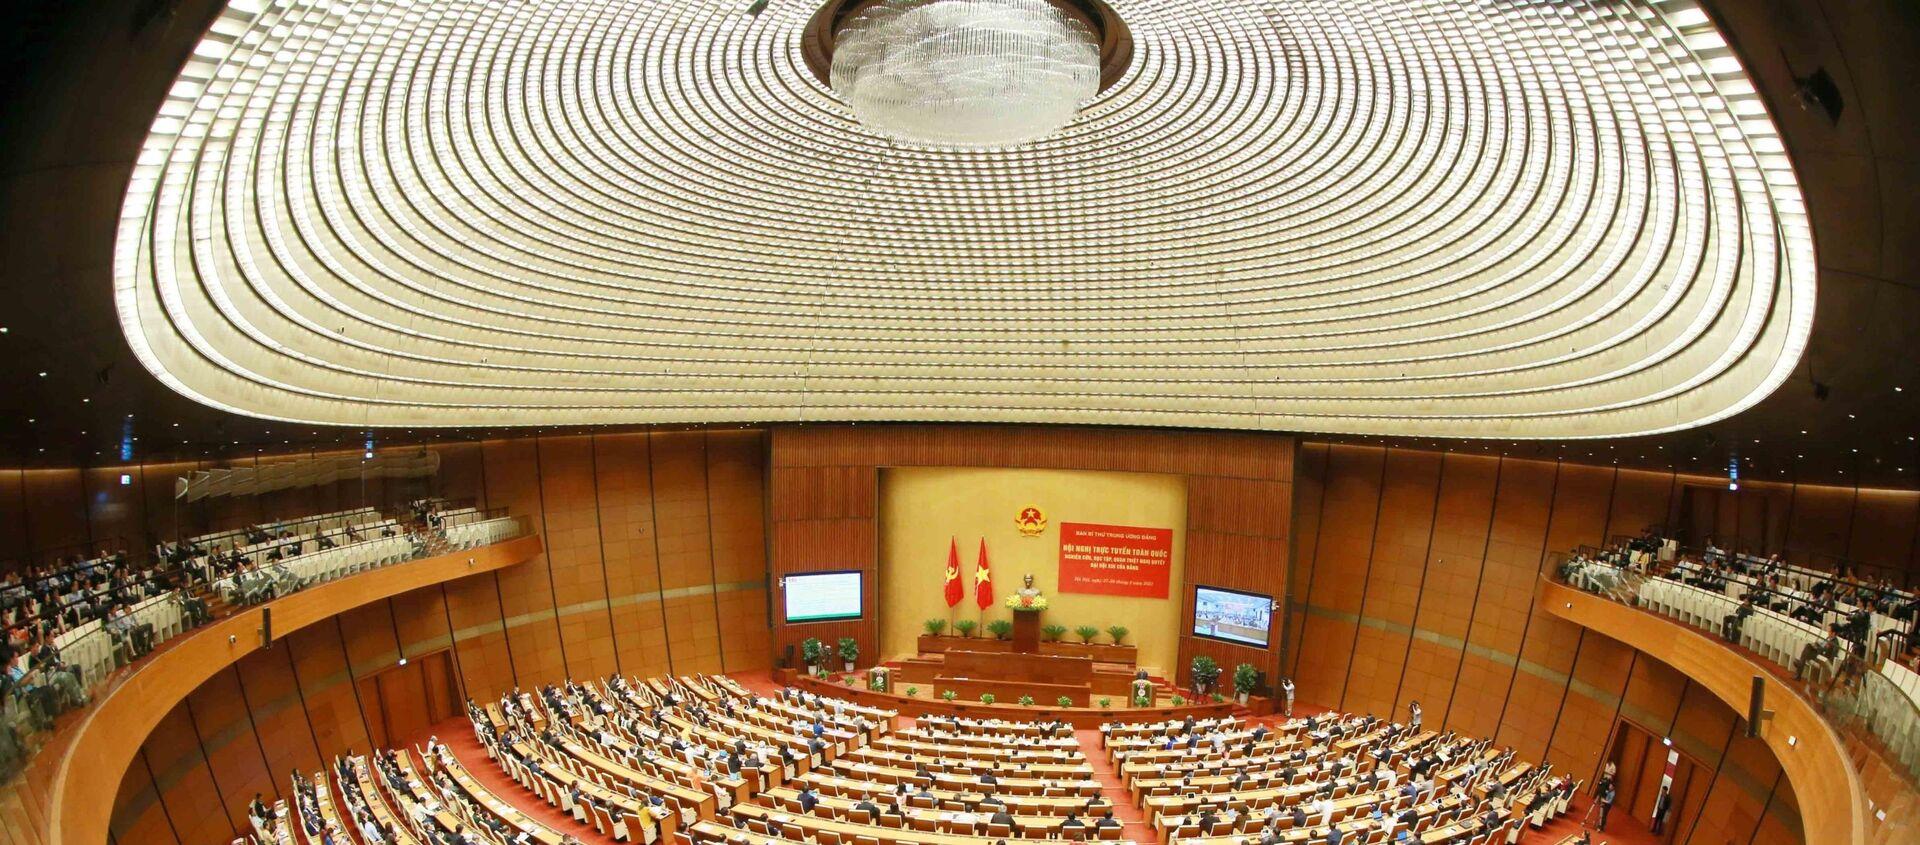 Toàn cảnh hội nghị tại điểm cầu chính - Phòng họp Diên Hồng, Nhà Quốc hội (Hà Nội). - Sputnik Việt Nam, 1920, 30.03.2021